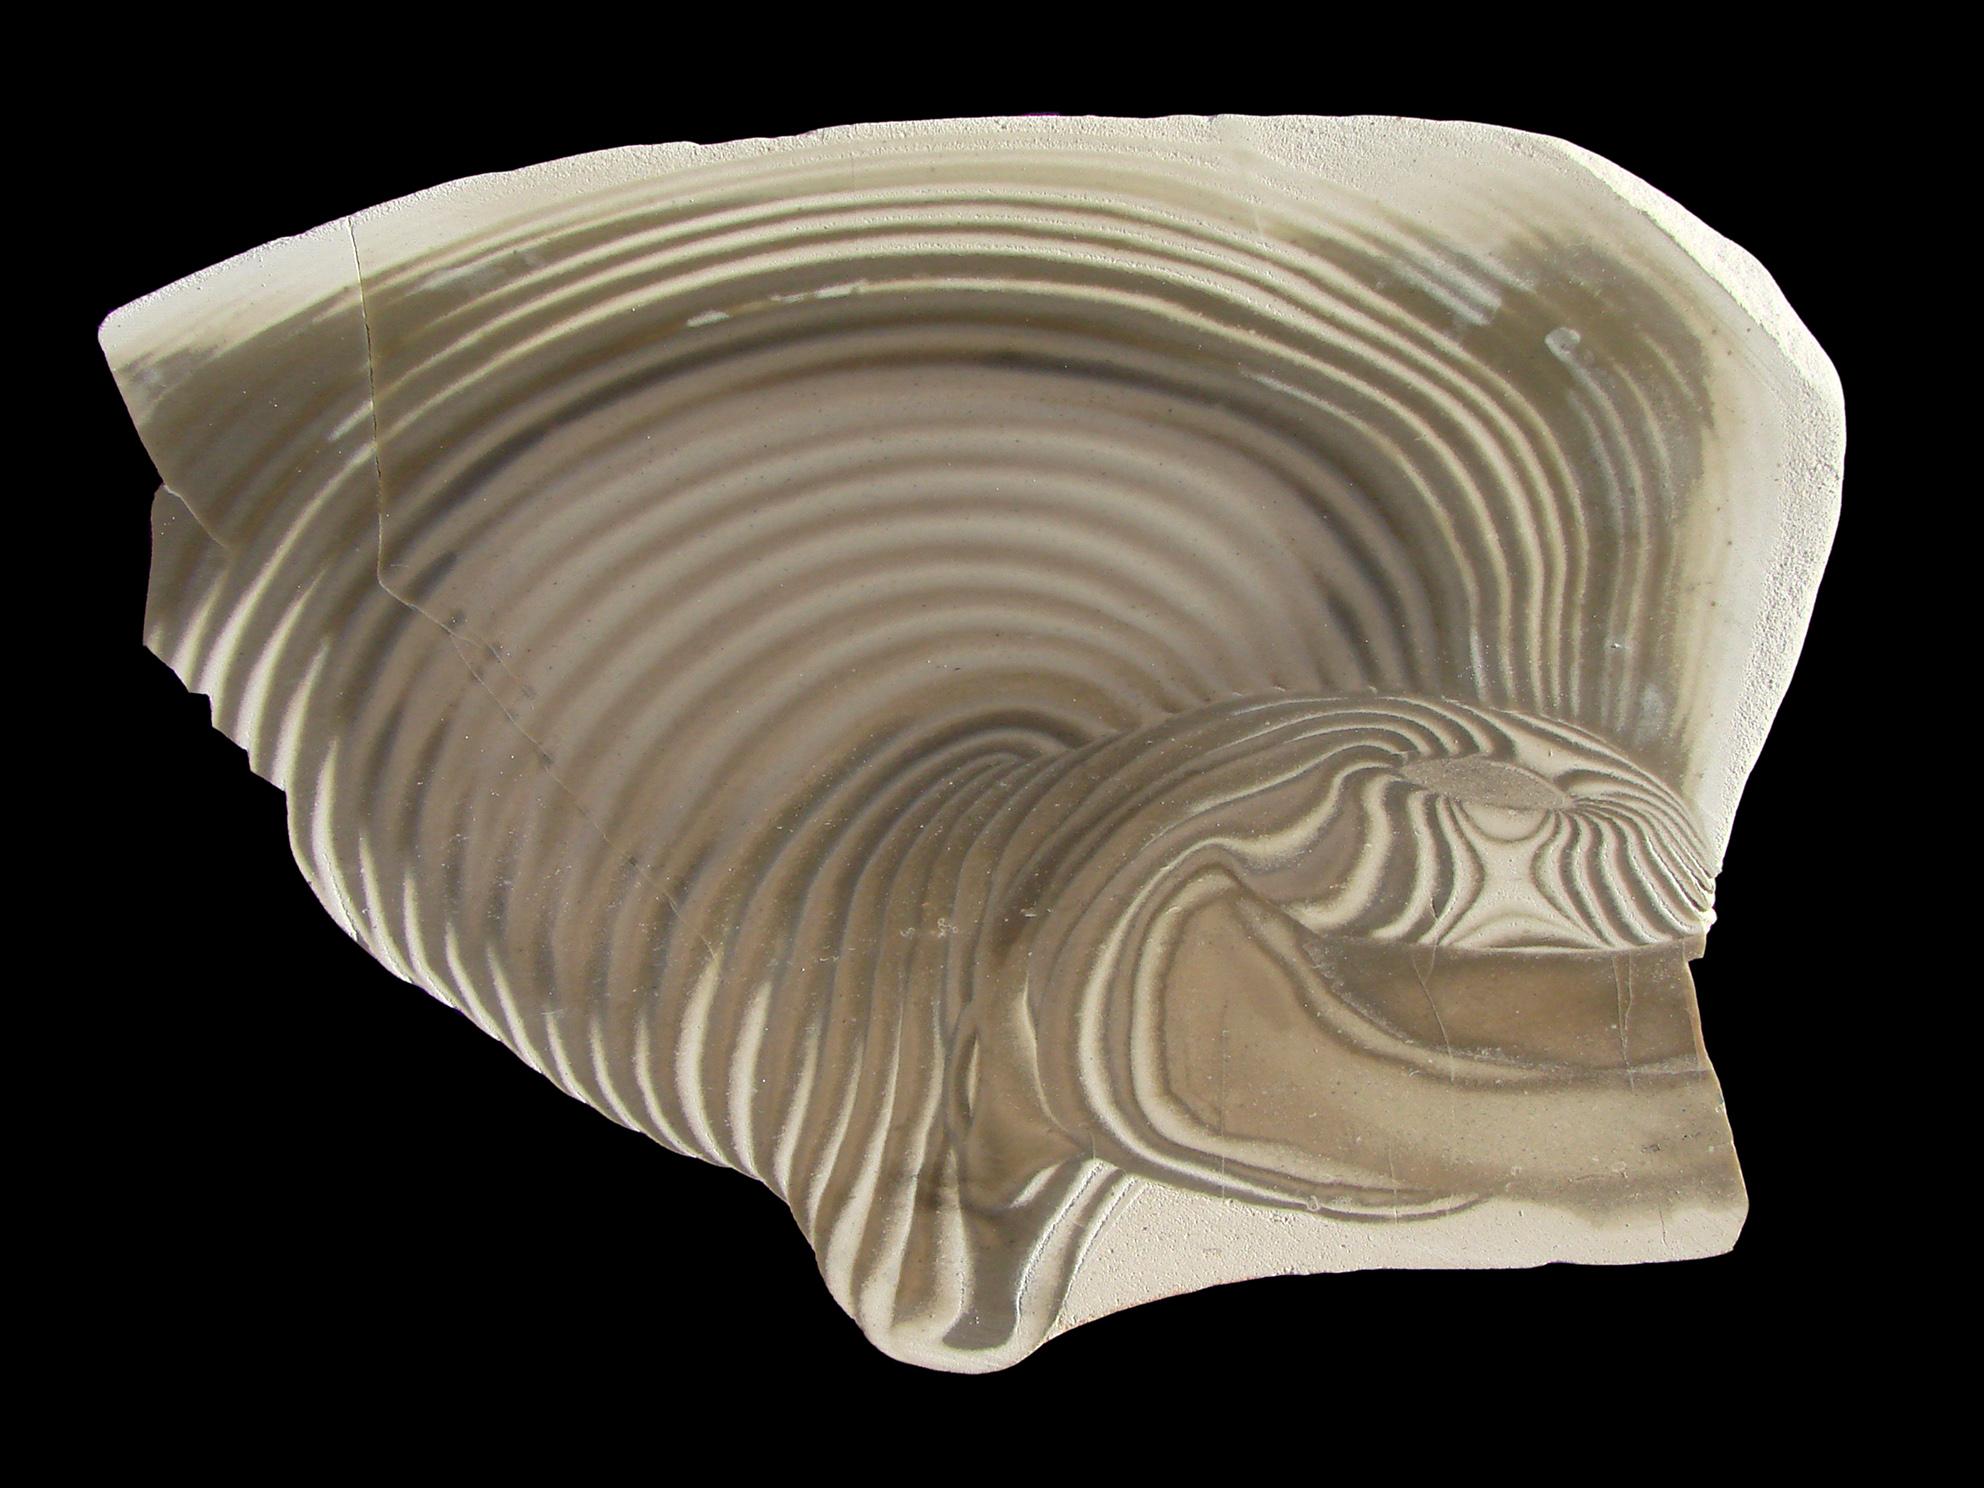 Silex rubanné. Par Vassil. Domaine public. Source : Wikimédia Commons